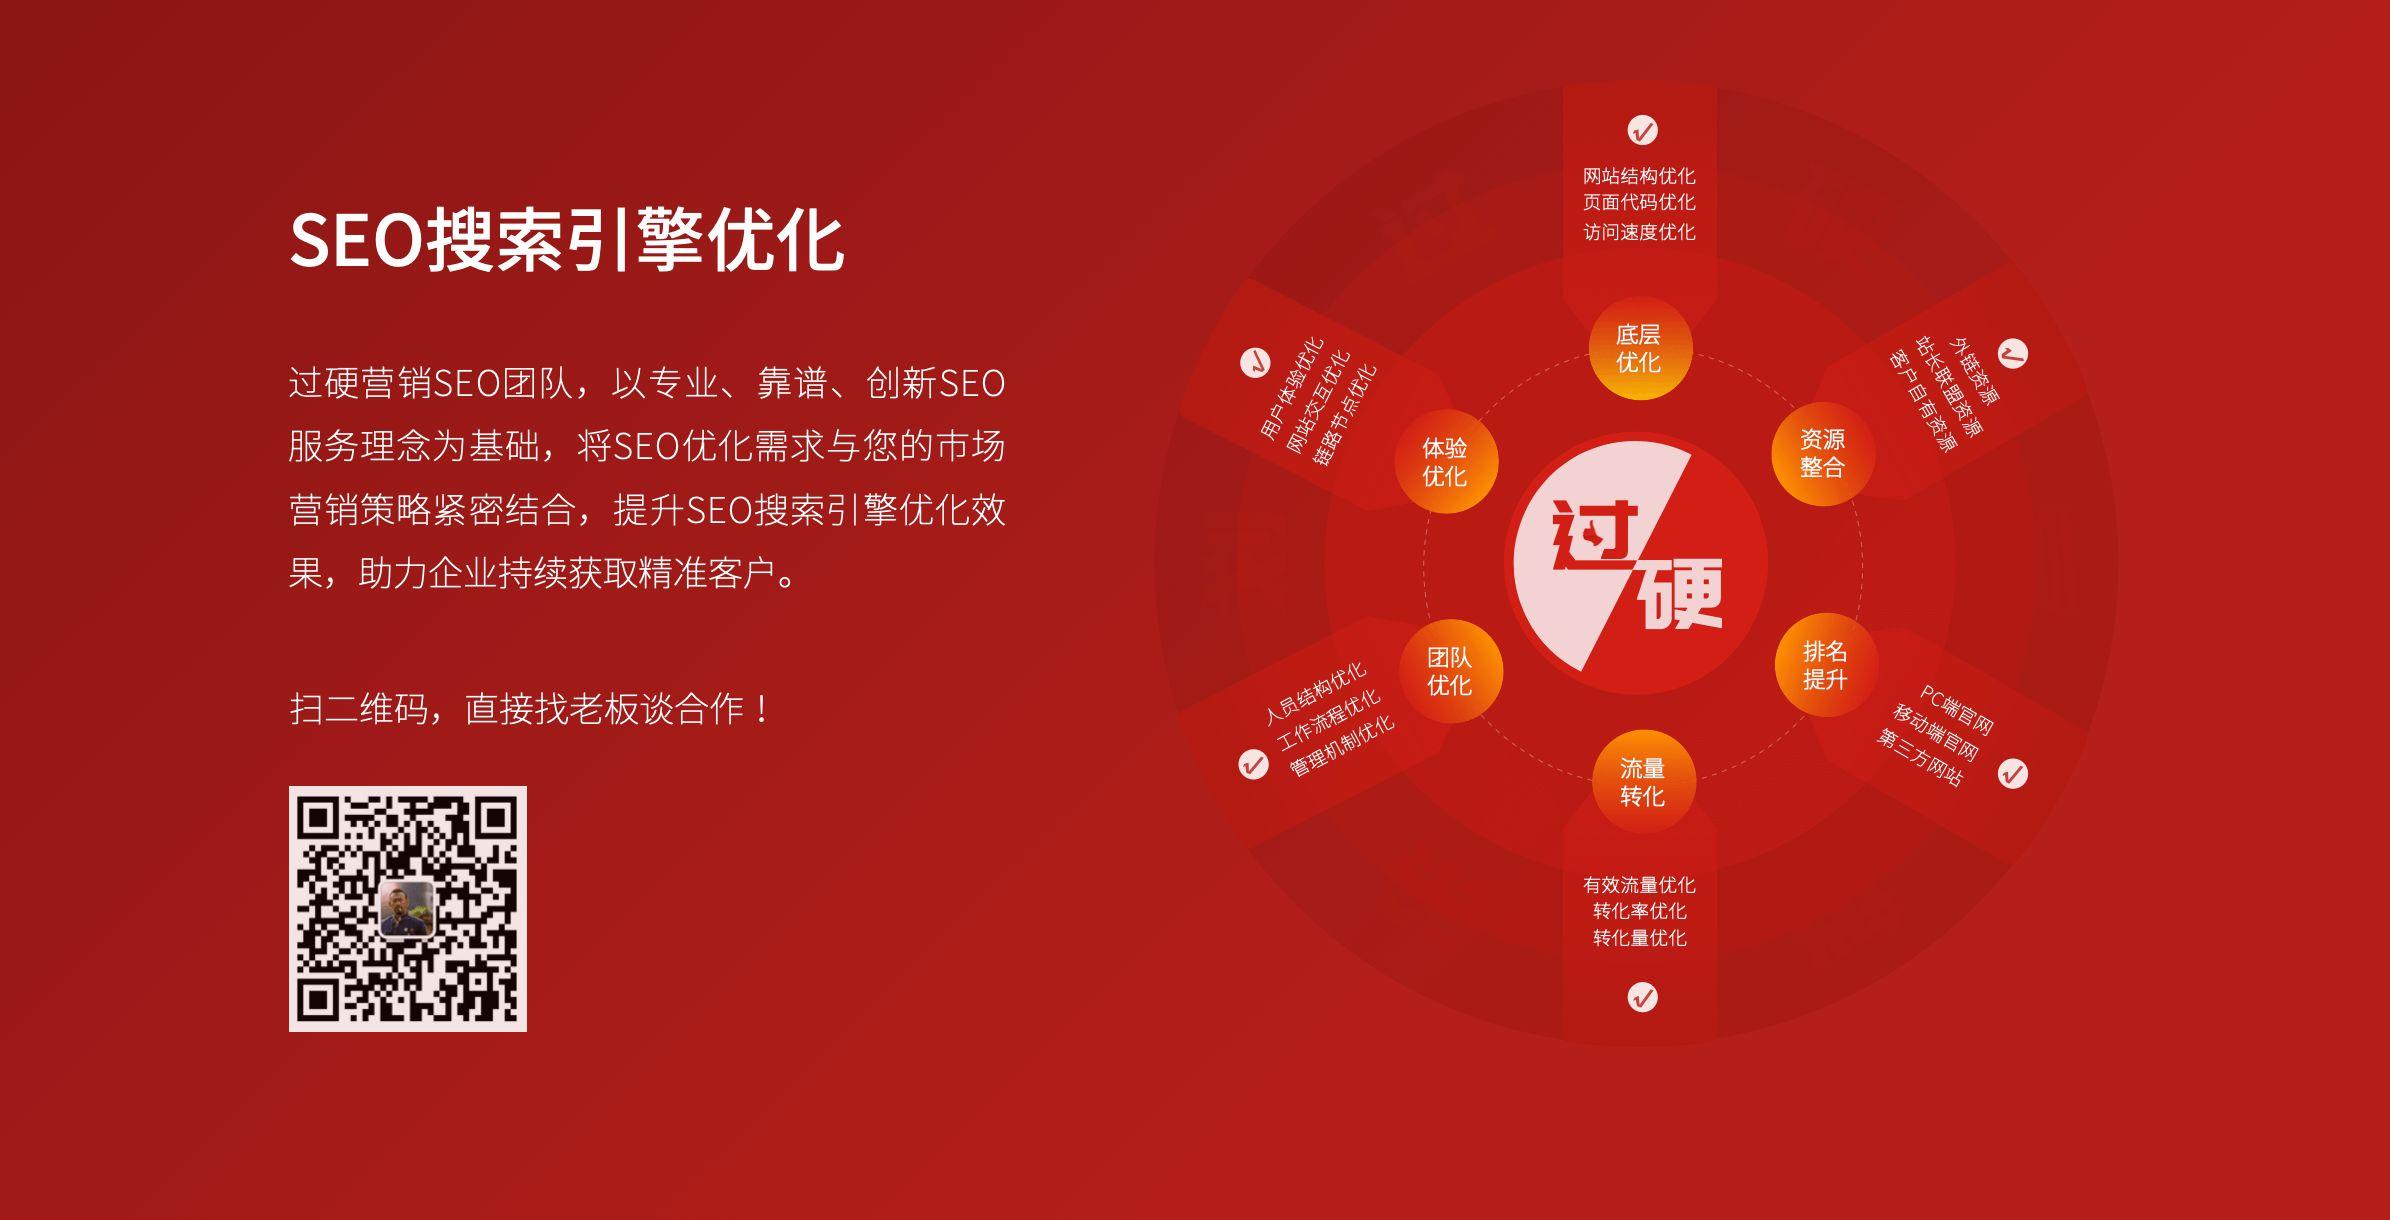 惠州SEO优化公司_网站优化推广_SEO外包服务